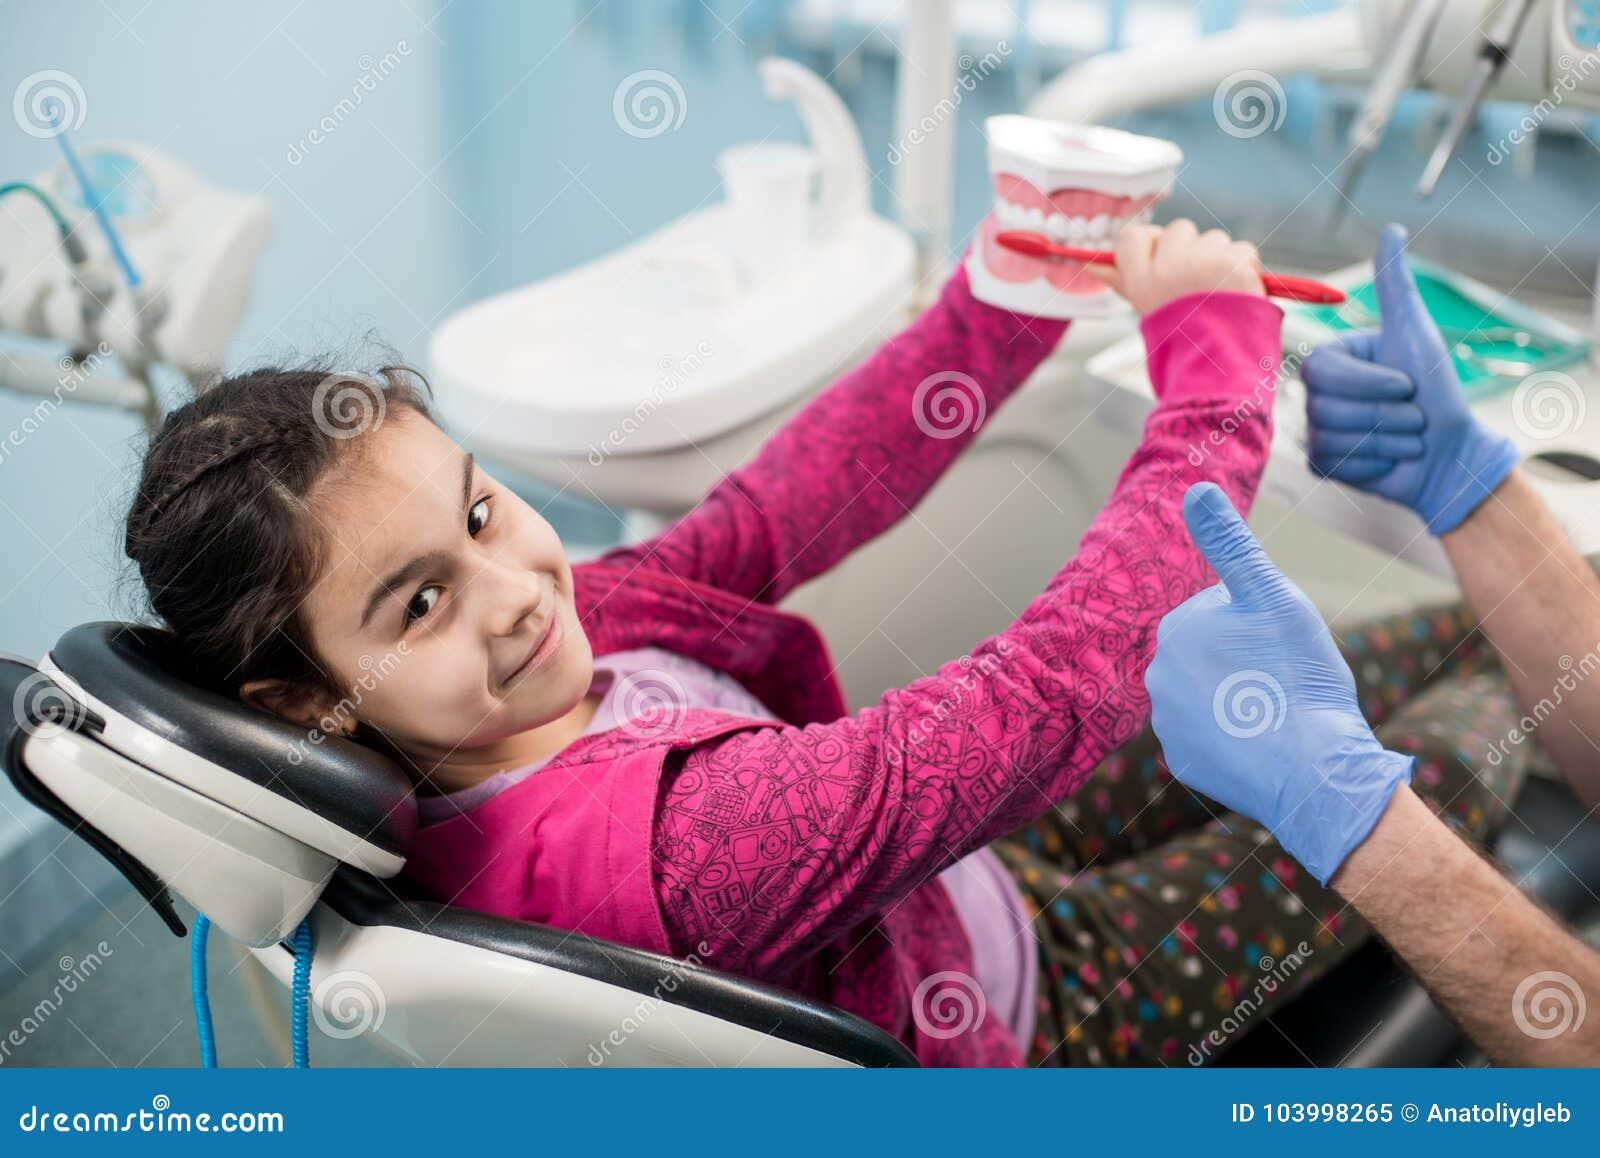 牙医椅子的愉快的女孩教育关于适当牙掠过的在牙齿诊所 牙科,口腔卫生概念